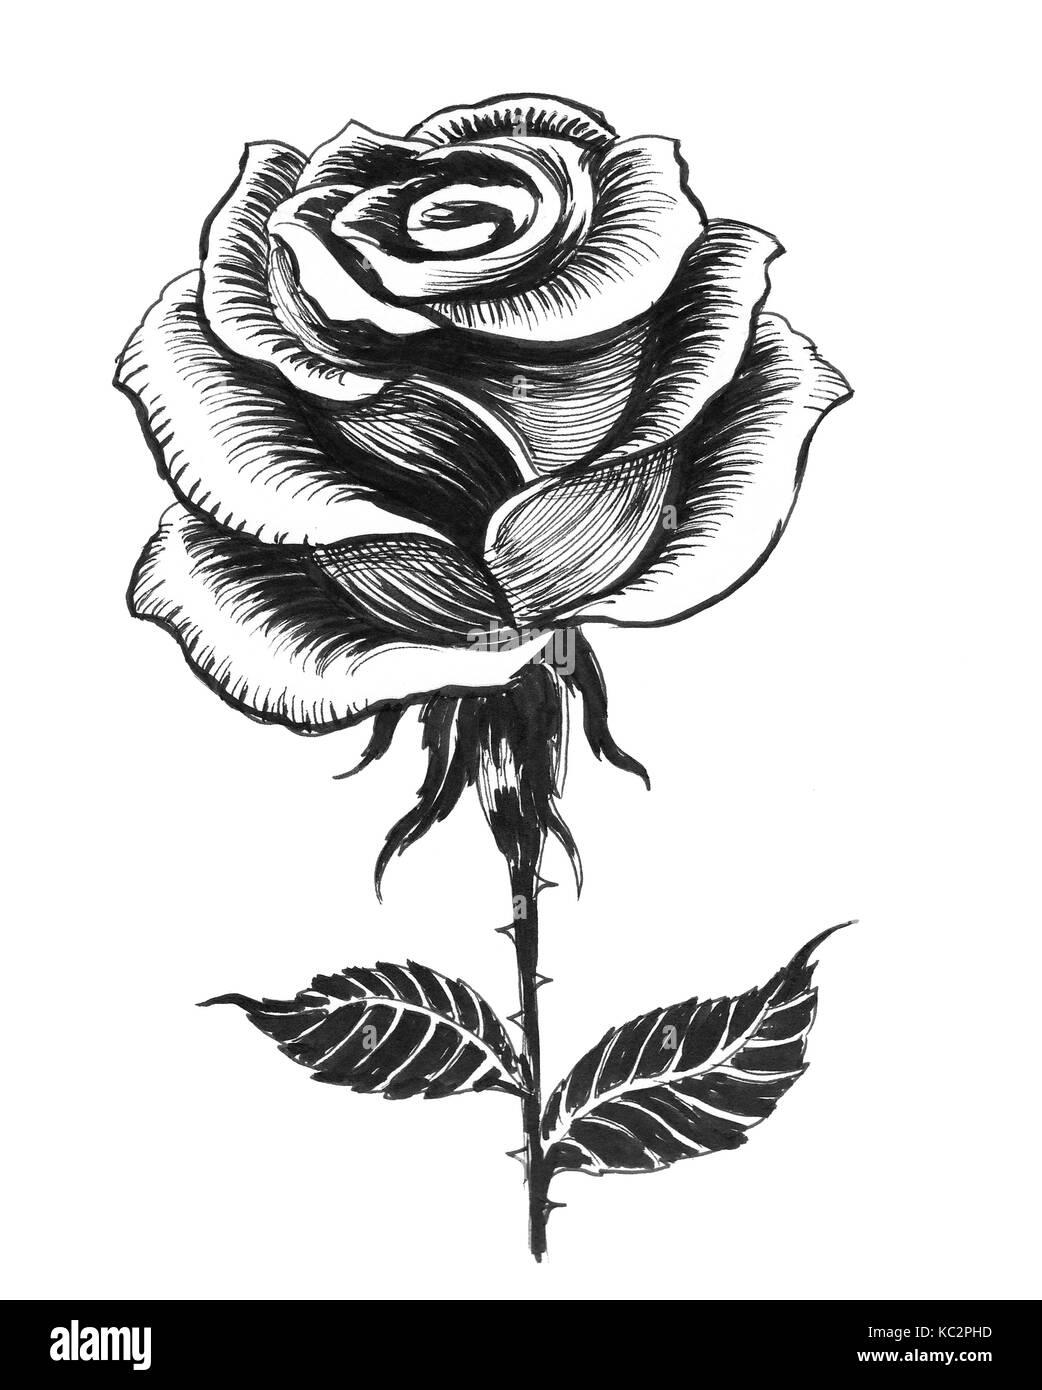 tinte schwarz weiss zeichnung eines einzigen wei e rose stockfoto bild 162330825 alamy. Black Bedroom Furniture Sets. Home Design Ideas